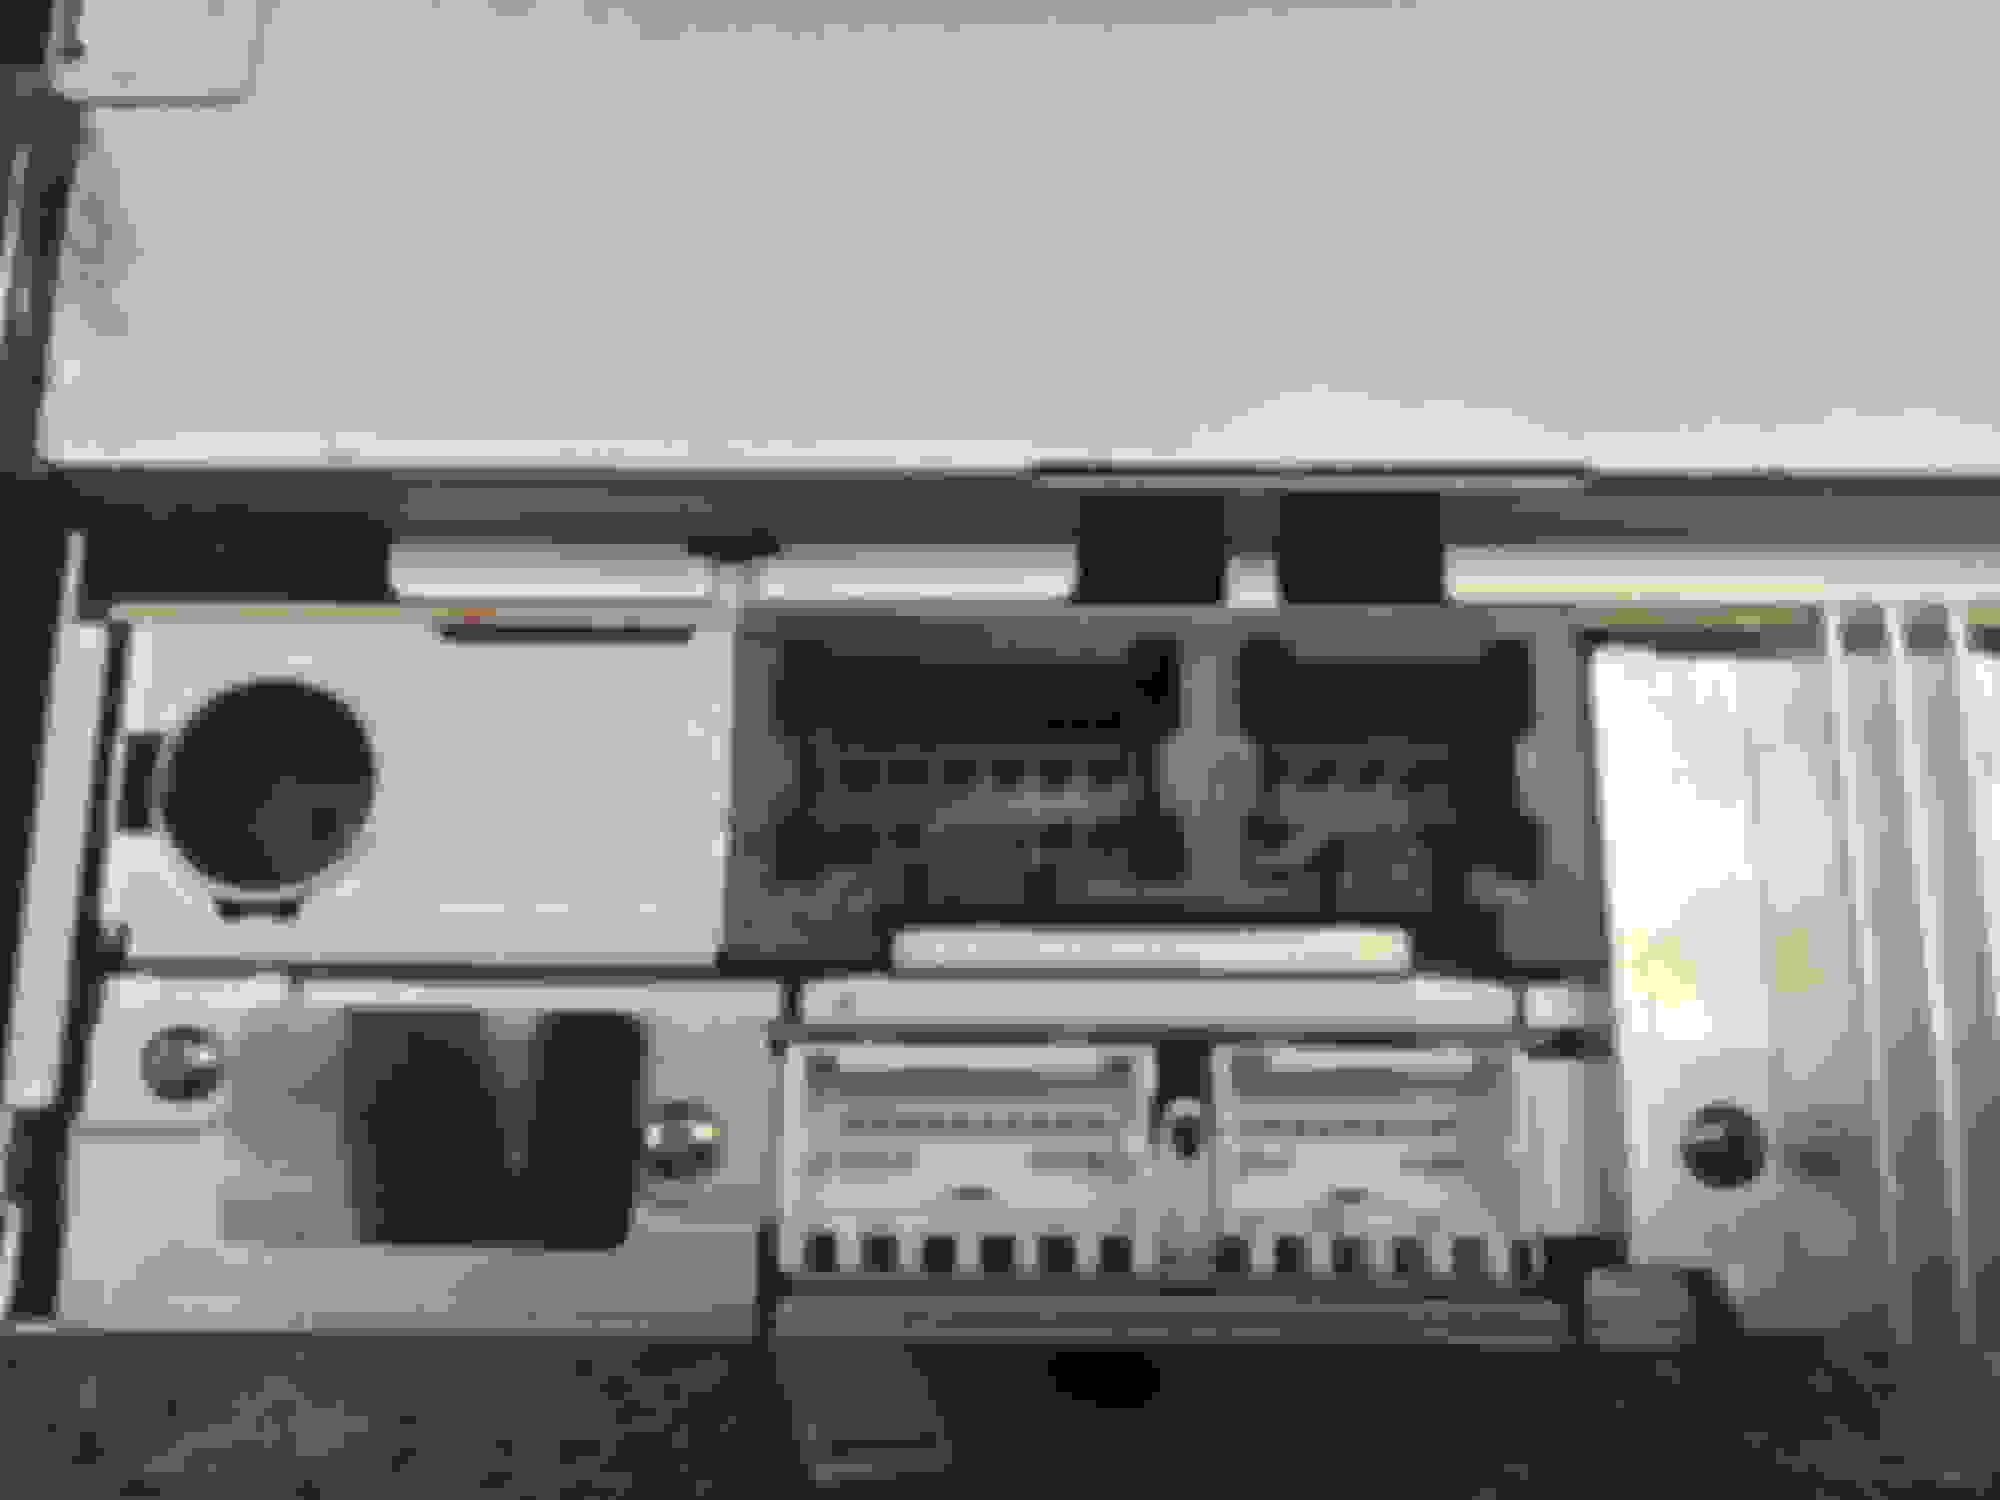 Metra 70 7550 Wiring Diagram